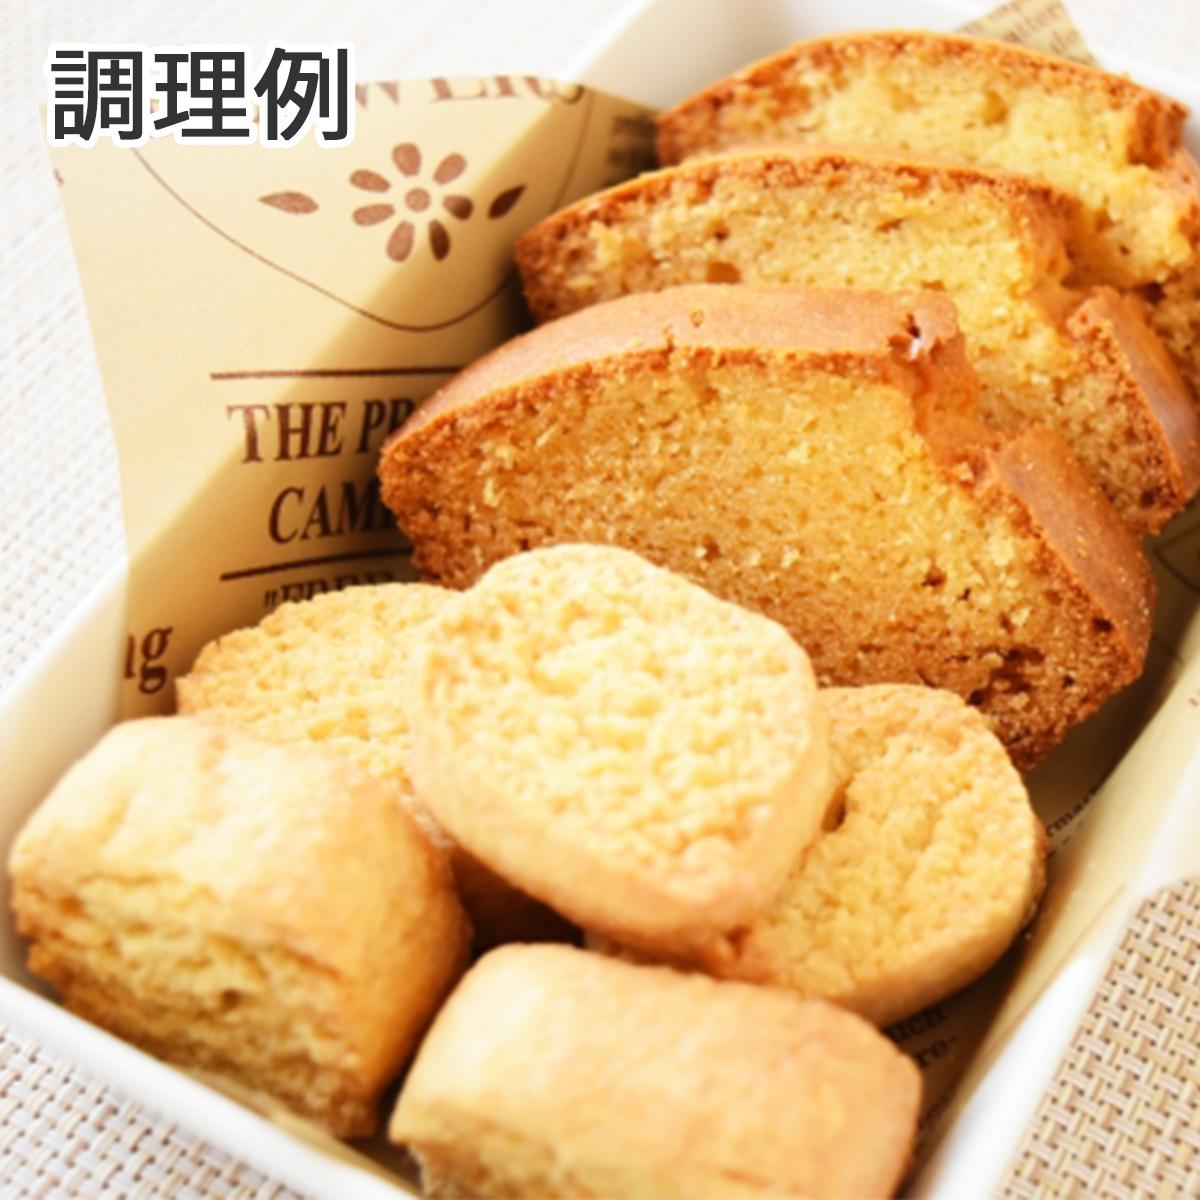 【期間限定30%オフ】よつ葉バター 食塩不使用 無塩 450g 業務用